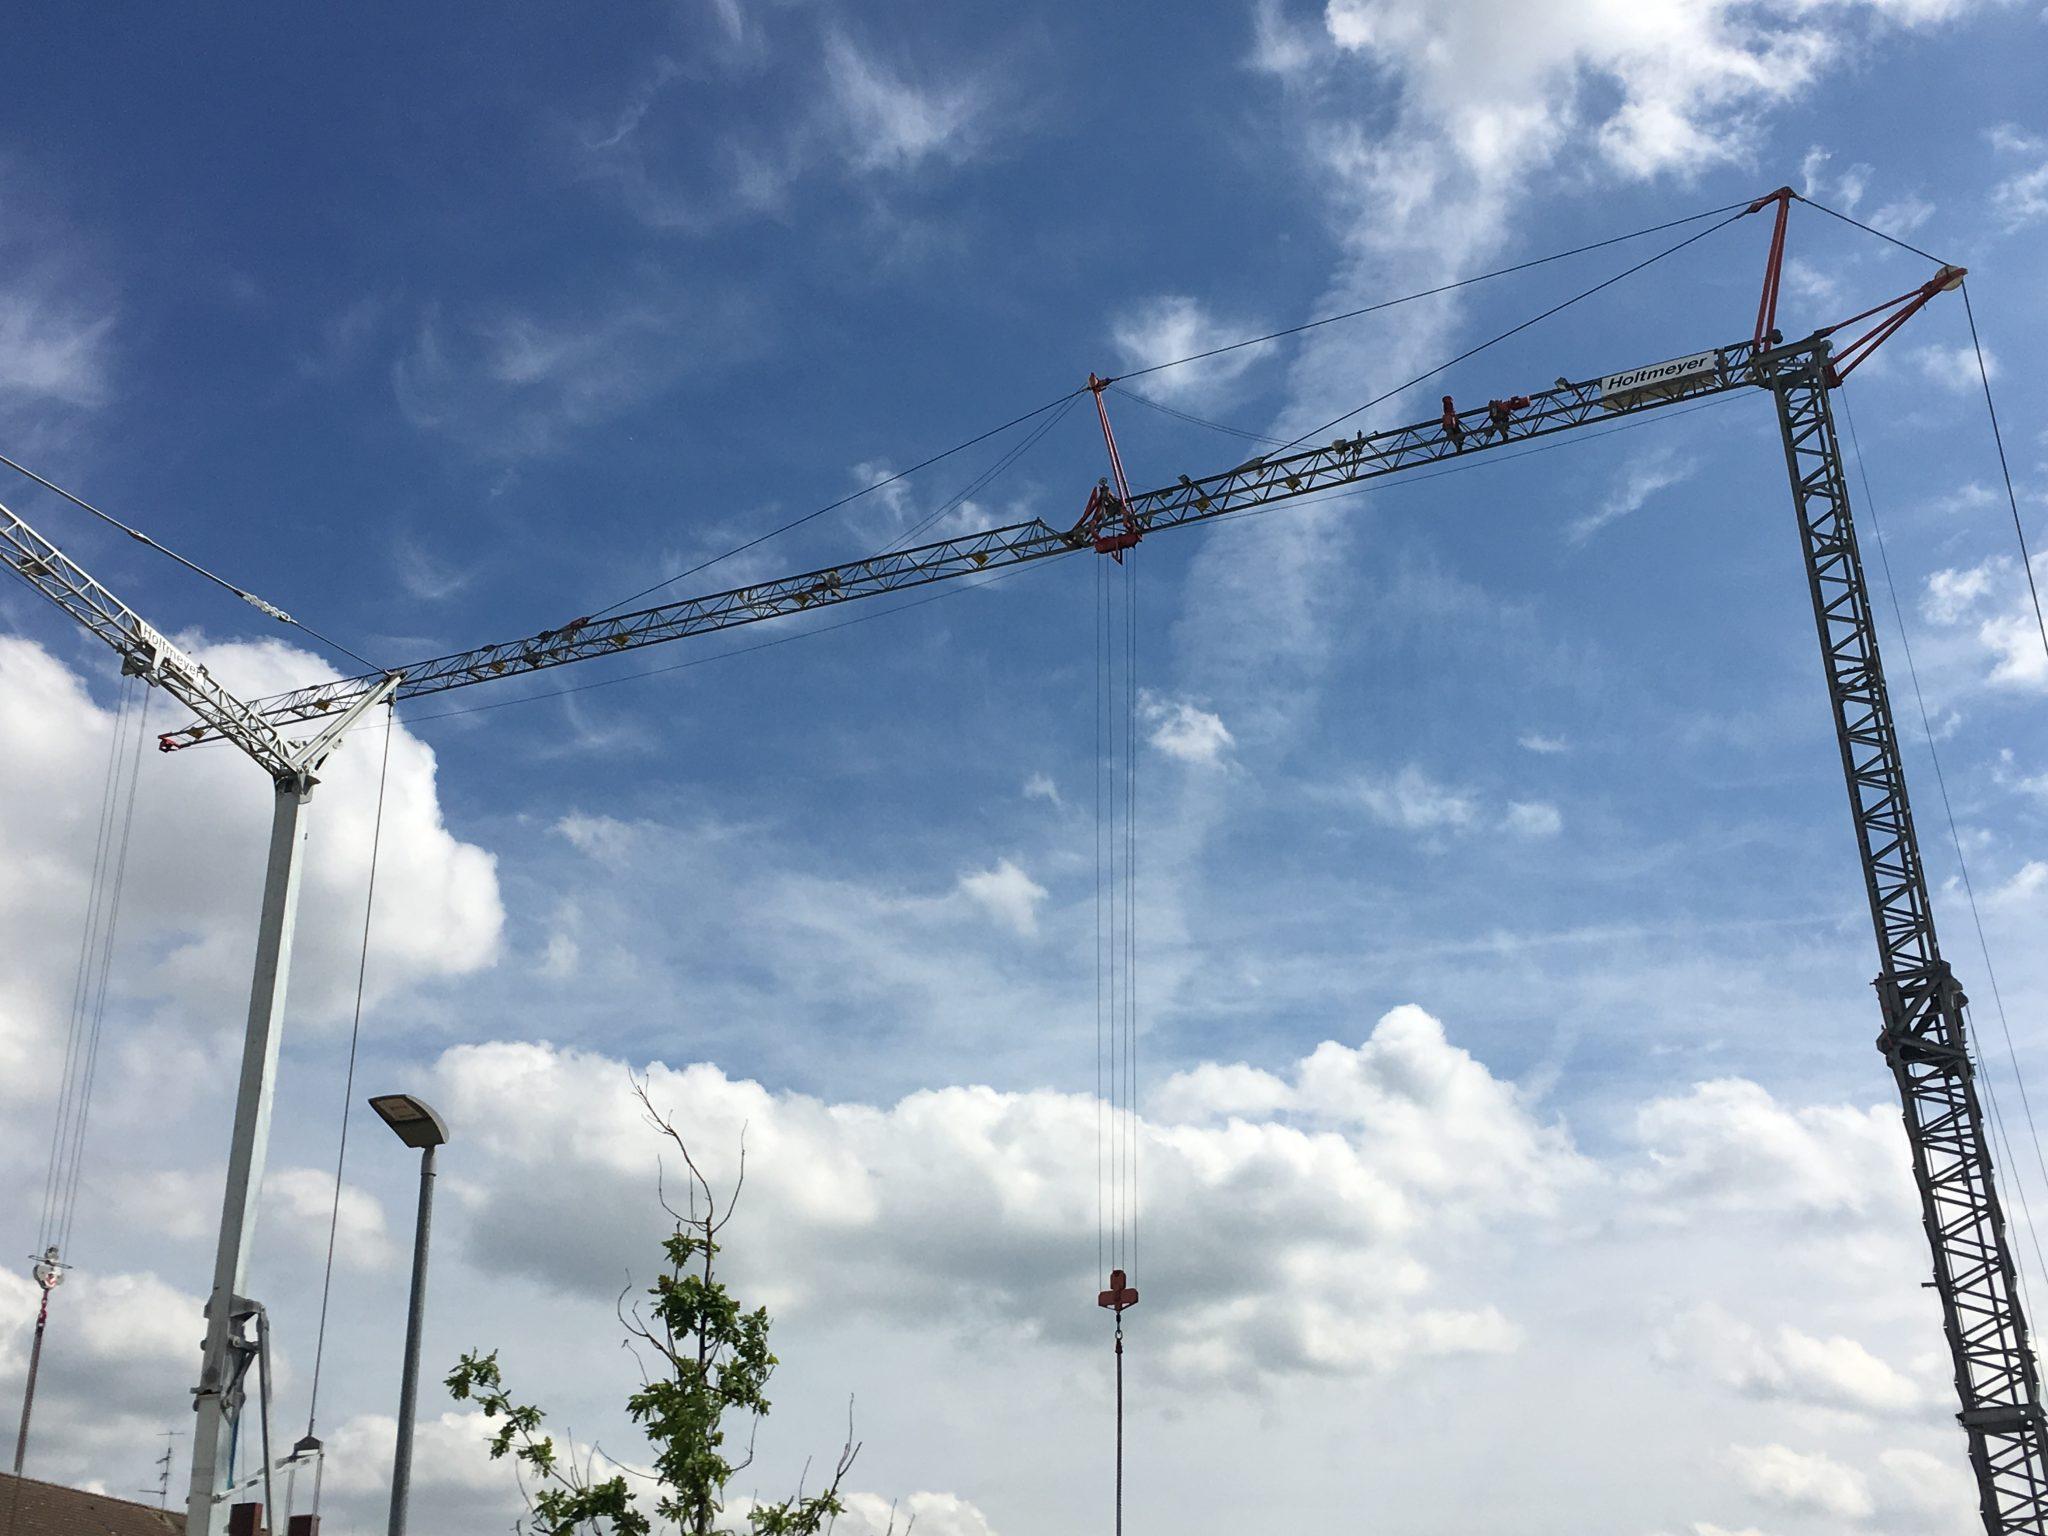 Da tanzen zwei Kräne nun auf der Baustelle des Green Office Building Osnabrück - nun kann es richtig rund gehen auf der Baustelle! Prima!